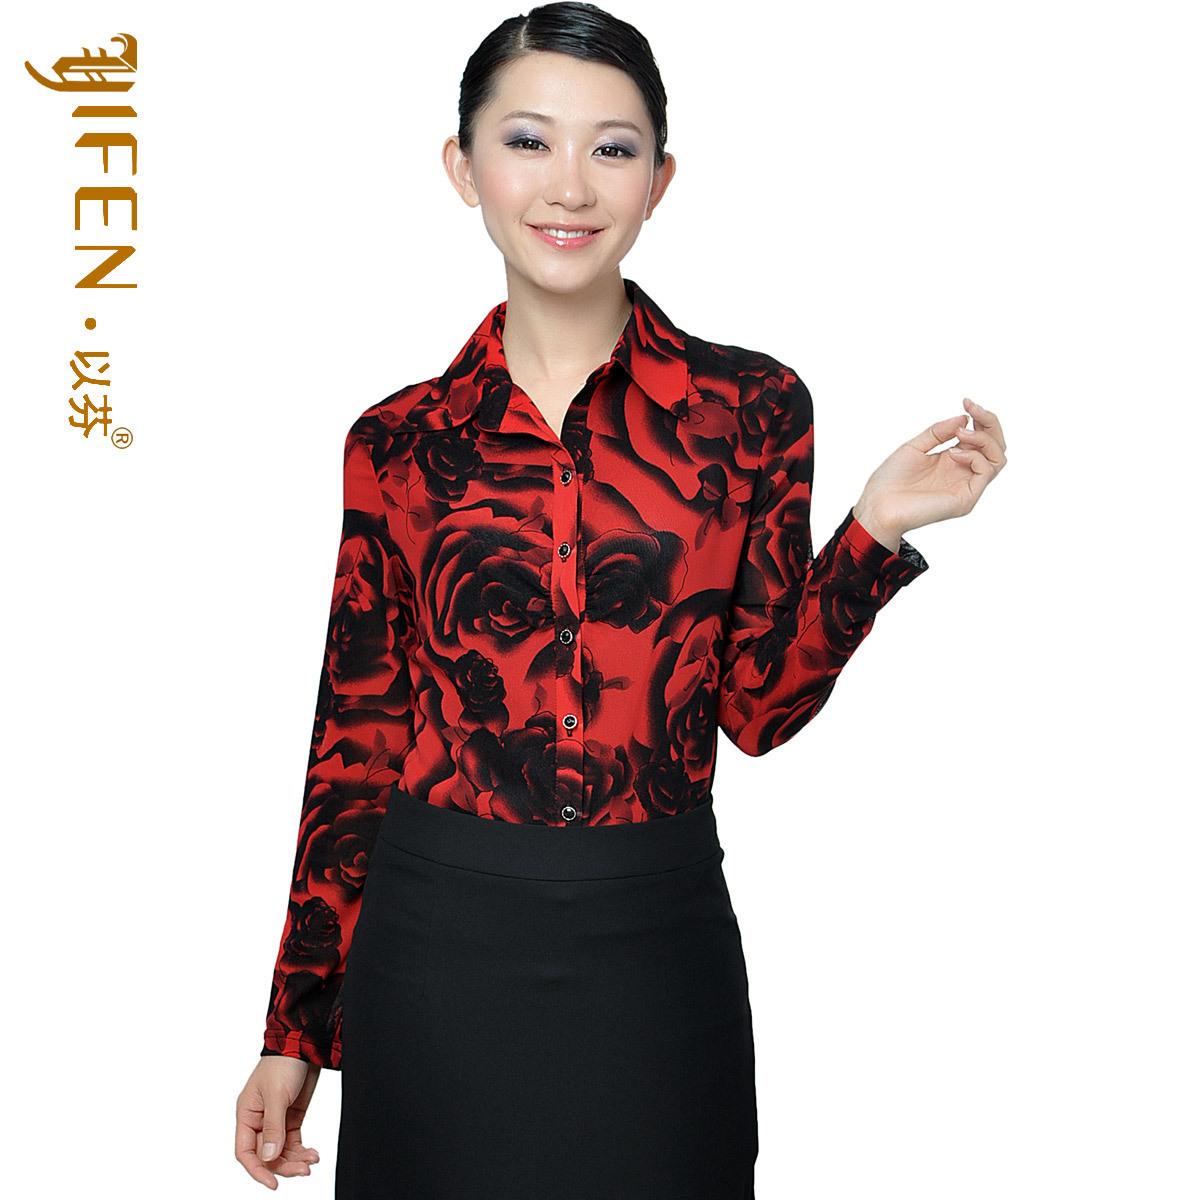 以芬2012夏季新款女装似火玫瑰修身仕女大码针织衫开衫 衬衫领